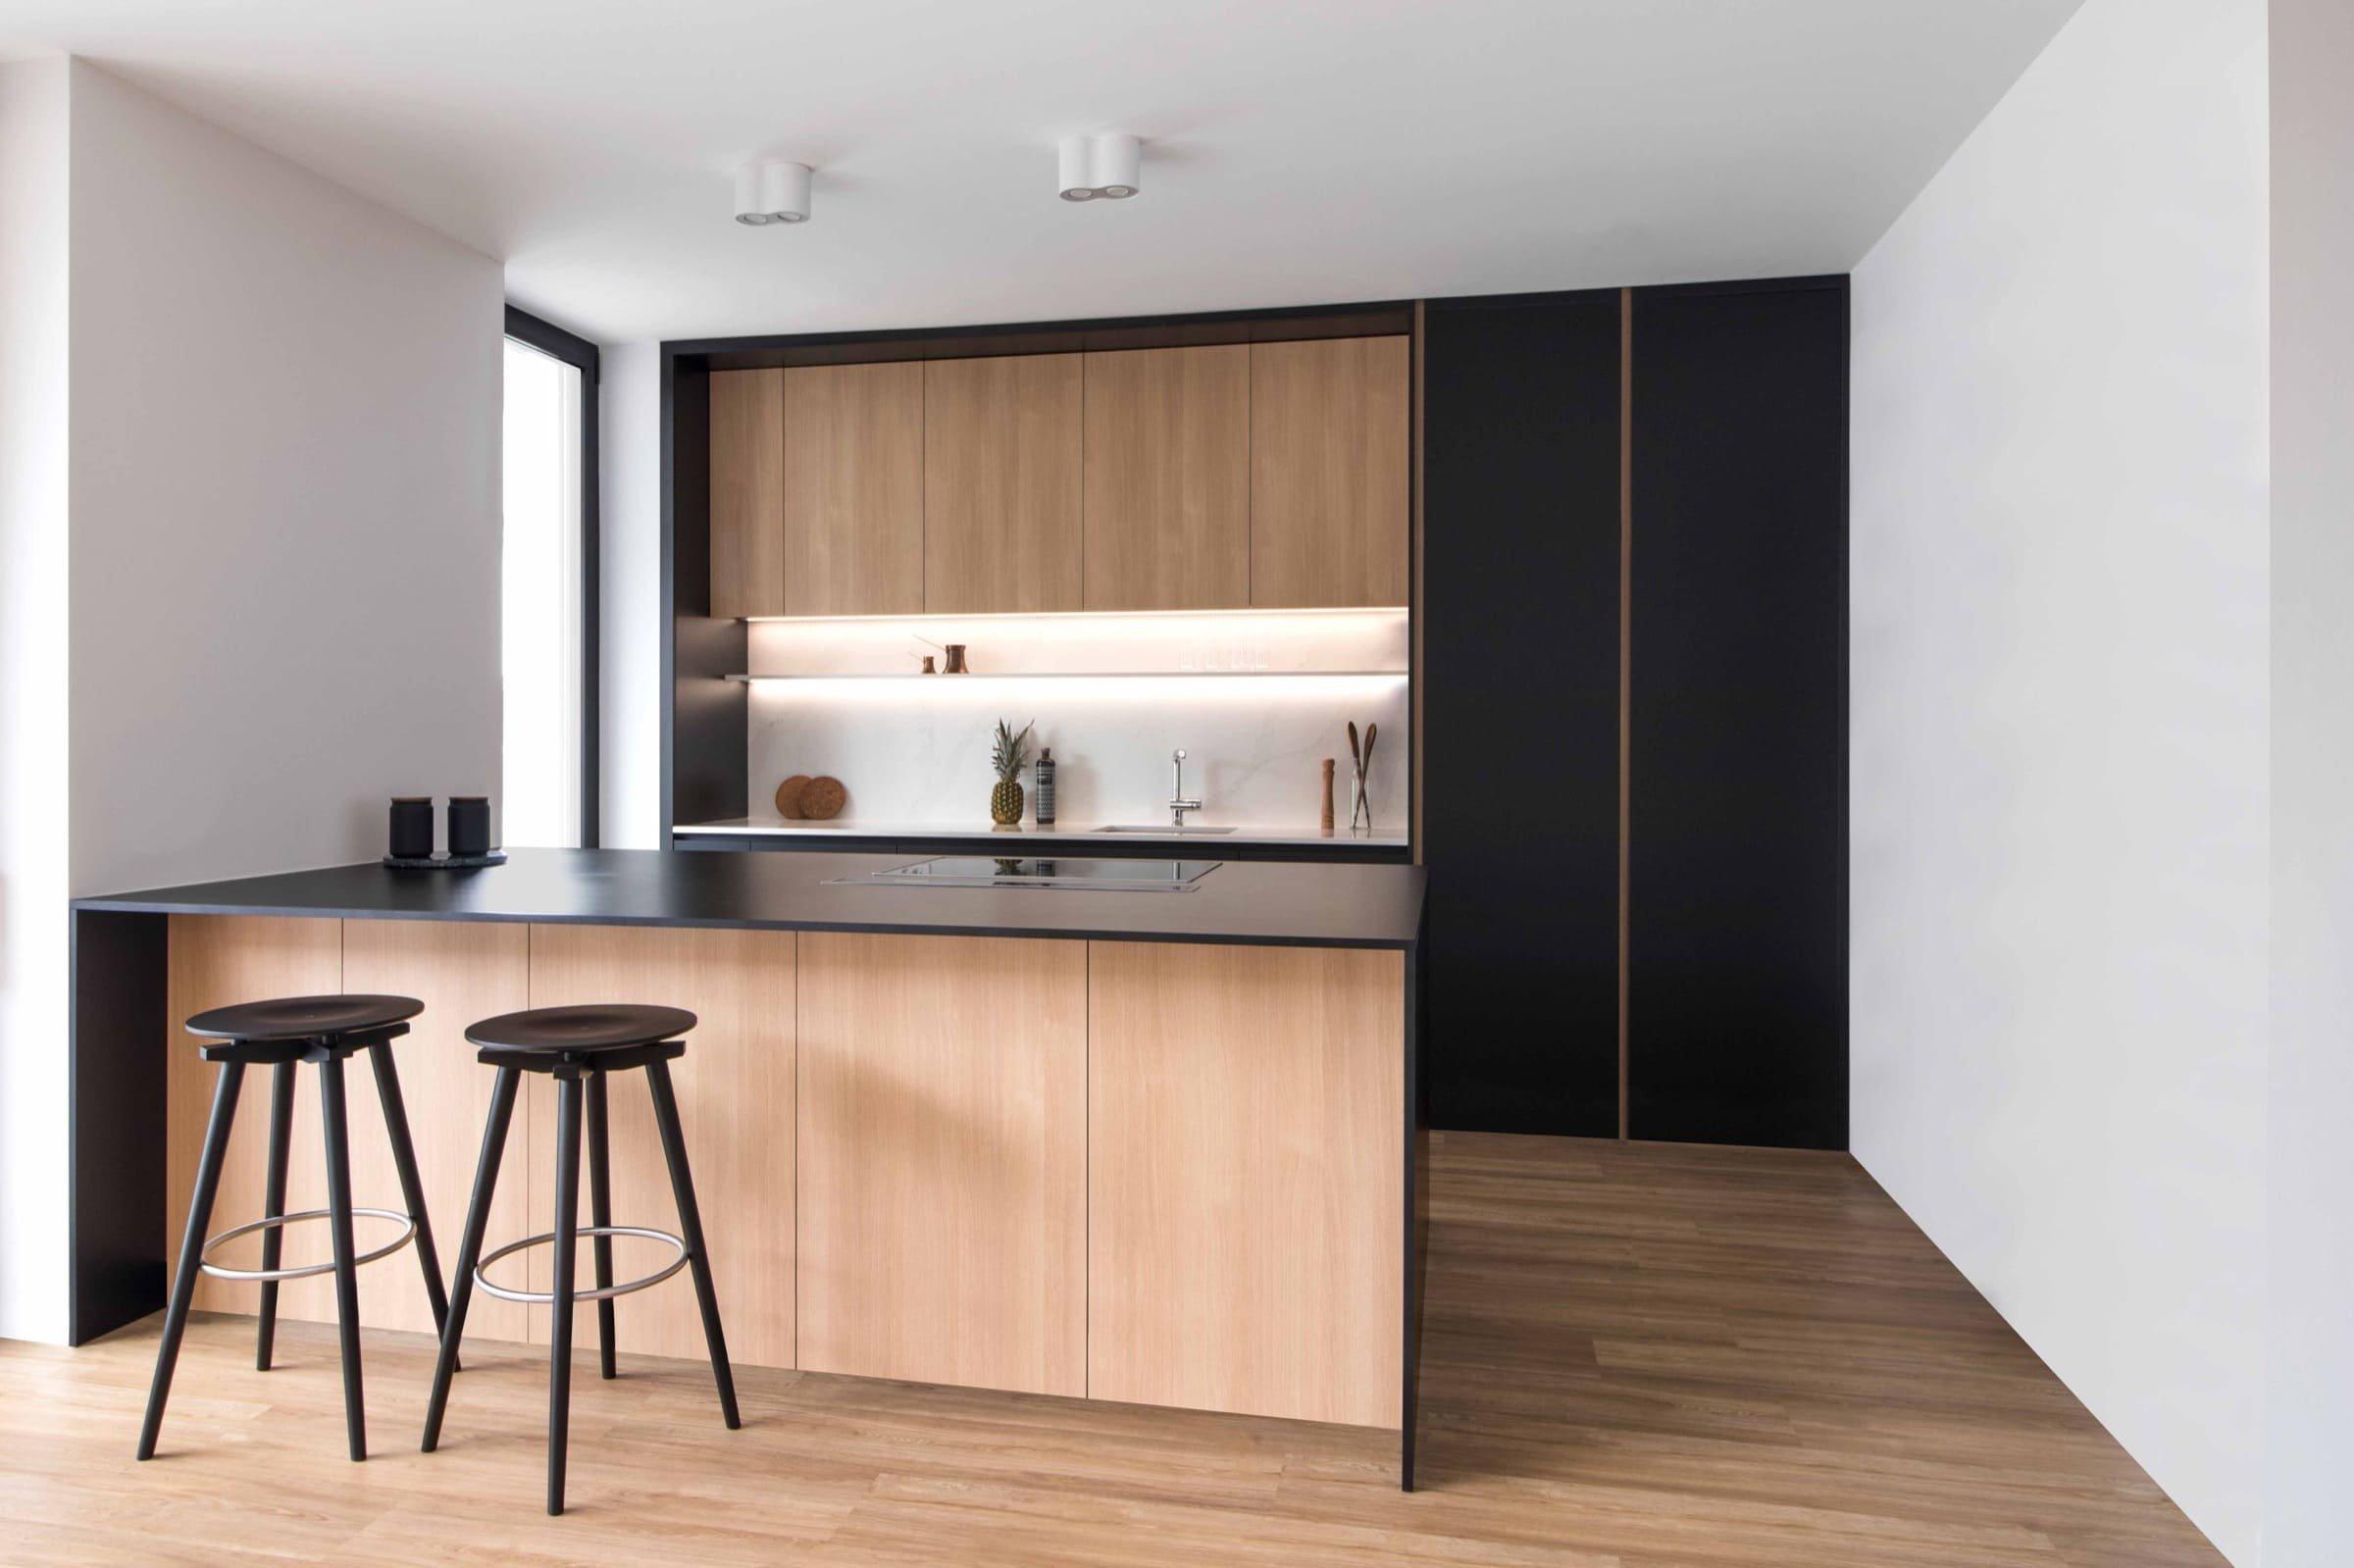 Klasický slovinský dům prošel proměnou. Z původního dvoupodlažního domu je minimalistické bydlení pro vícegenerační rodinu. Design interiéru sází na neutrální barvy v kombinaci s černou a použitím dřevěných lamel. Díky tomu vzniklo spojení, kde je černá příjemným osvěžením a nepůsobí ponuře.